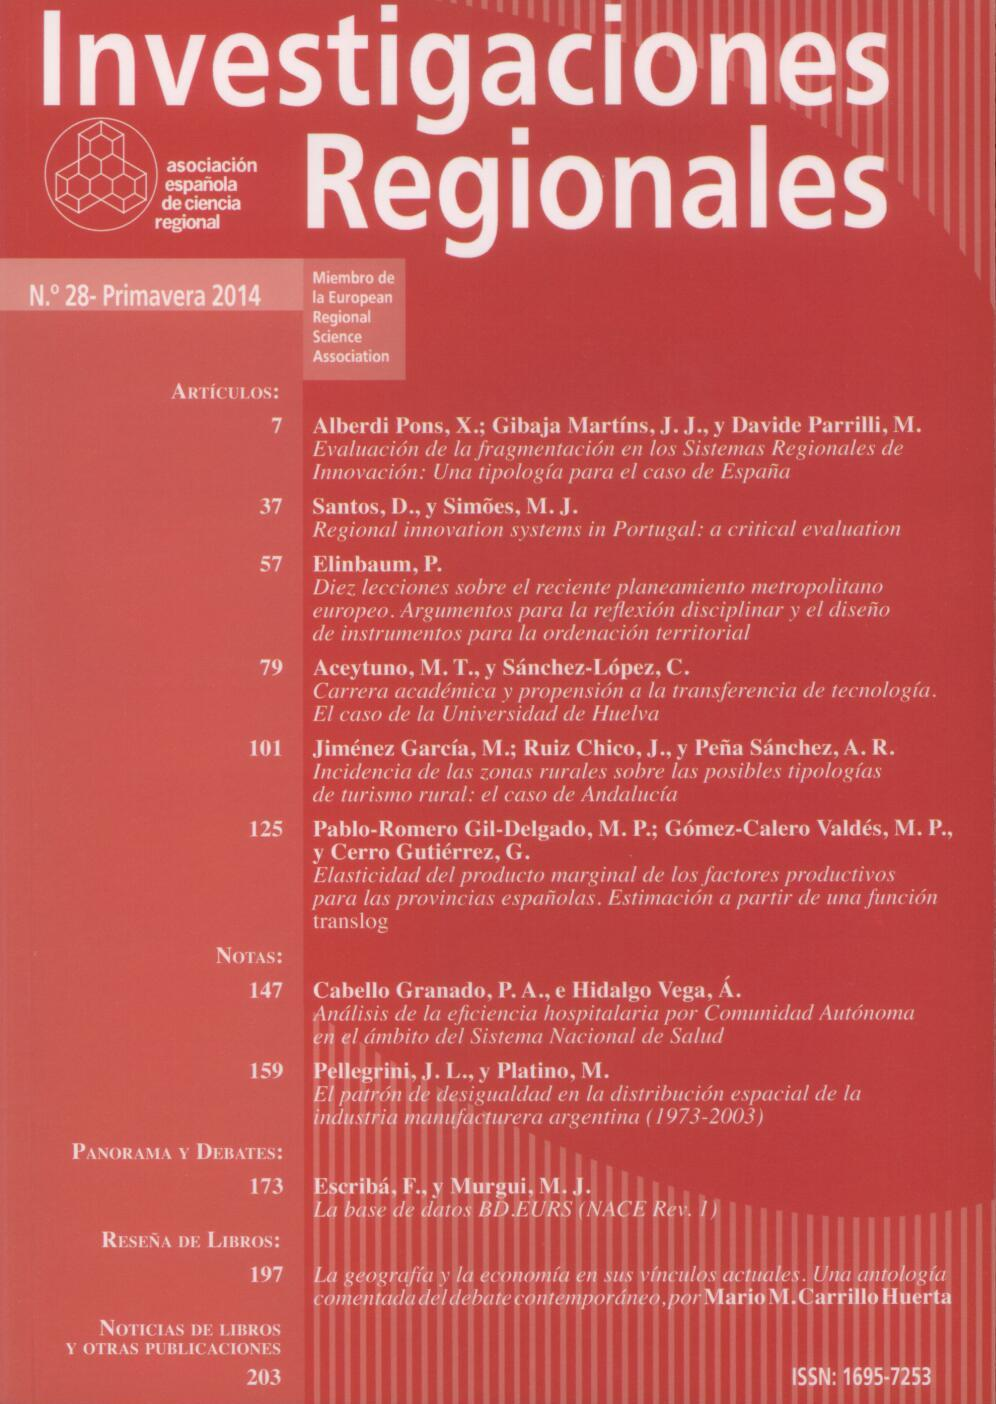 Investigaciones Regionales – Journal of Regional Research- Número 37 ya disponible con los links a todos los artículos